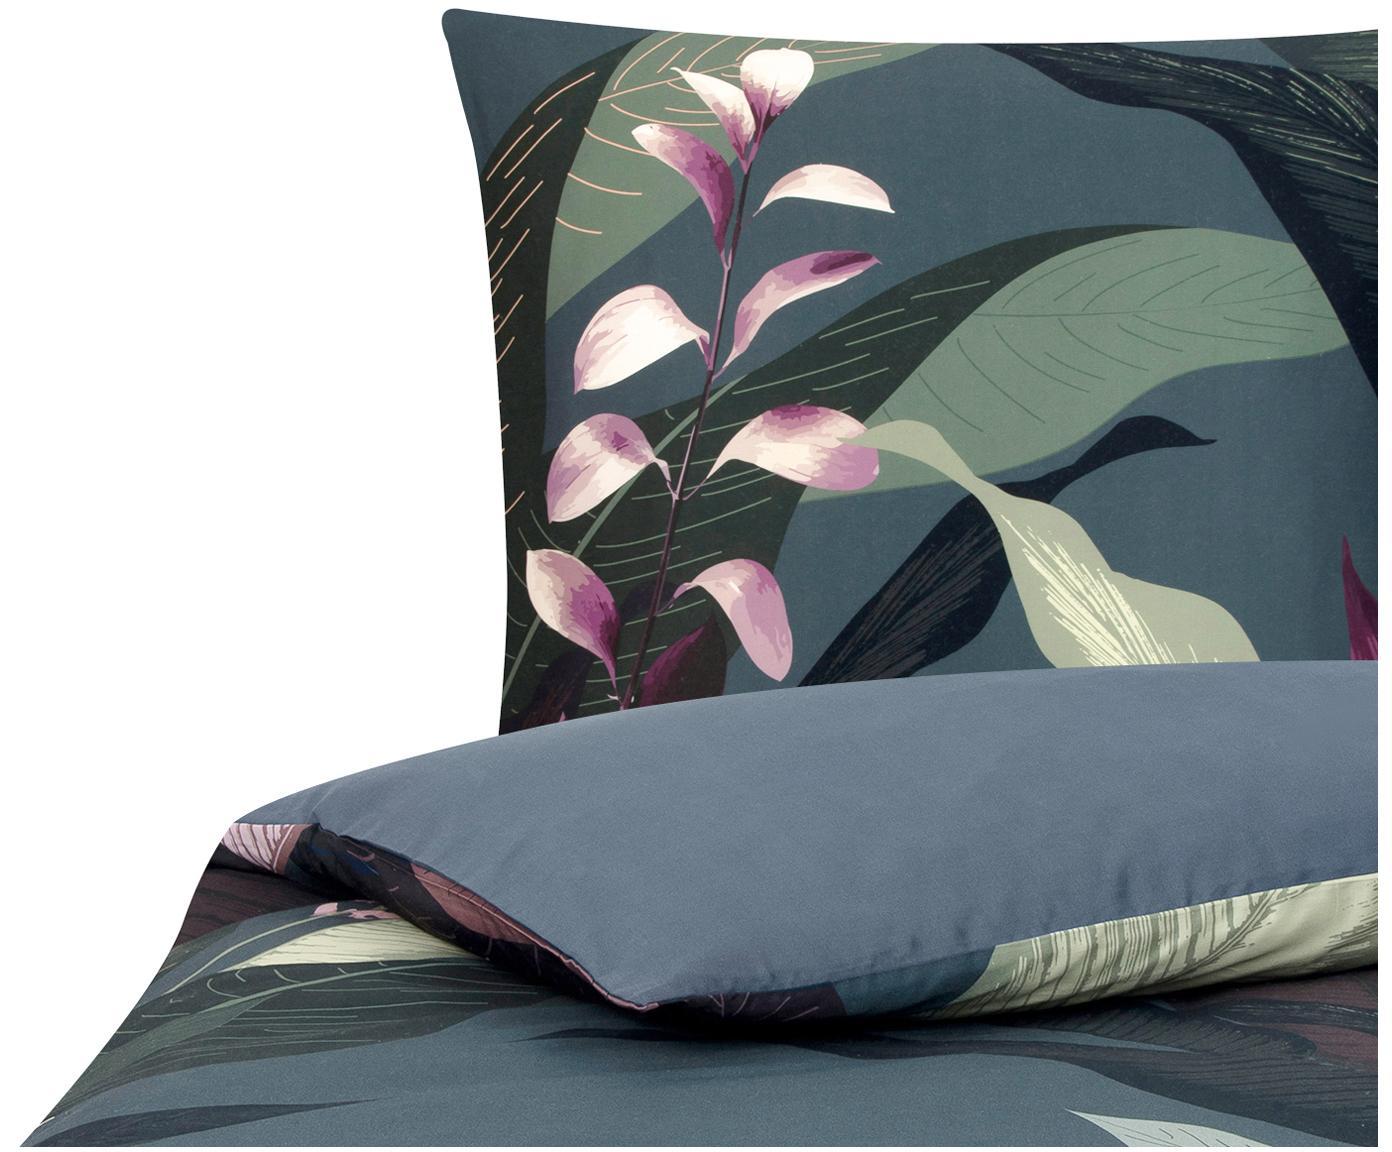 Katoensatijnen dekbedovertrek Flora, Weeftechniek: satijn Draaddichtheid 210, Bovenzijde: multicolour. Onderzijde: donkergrijs, 140 x 200 cm